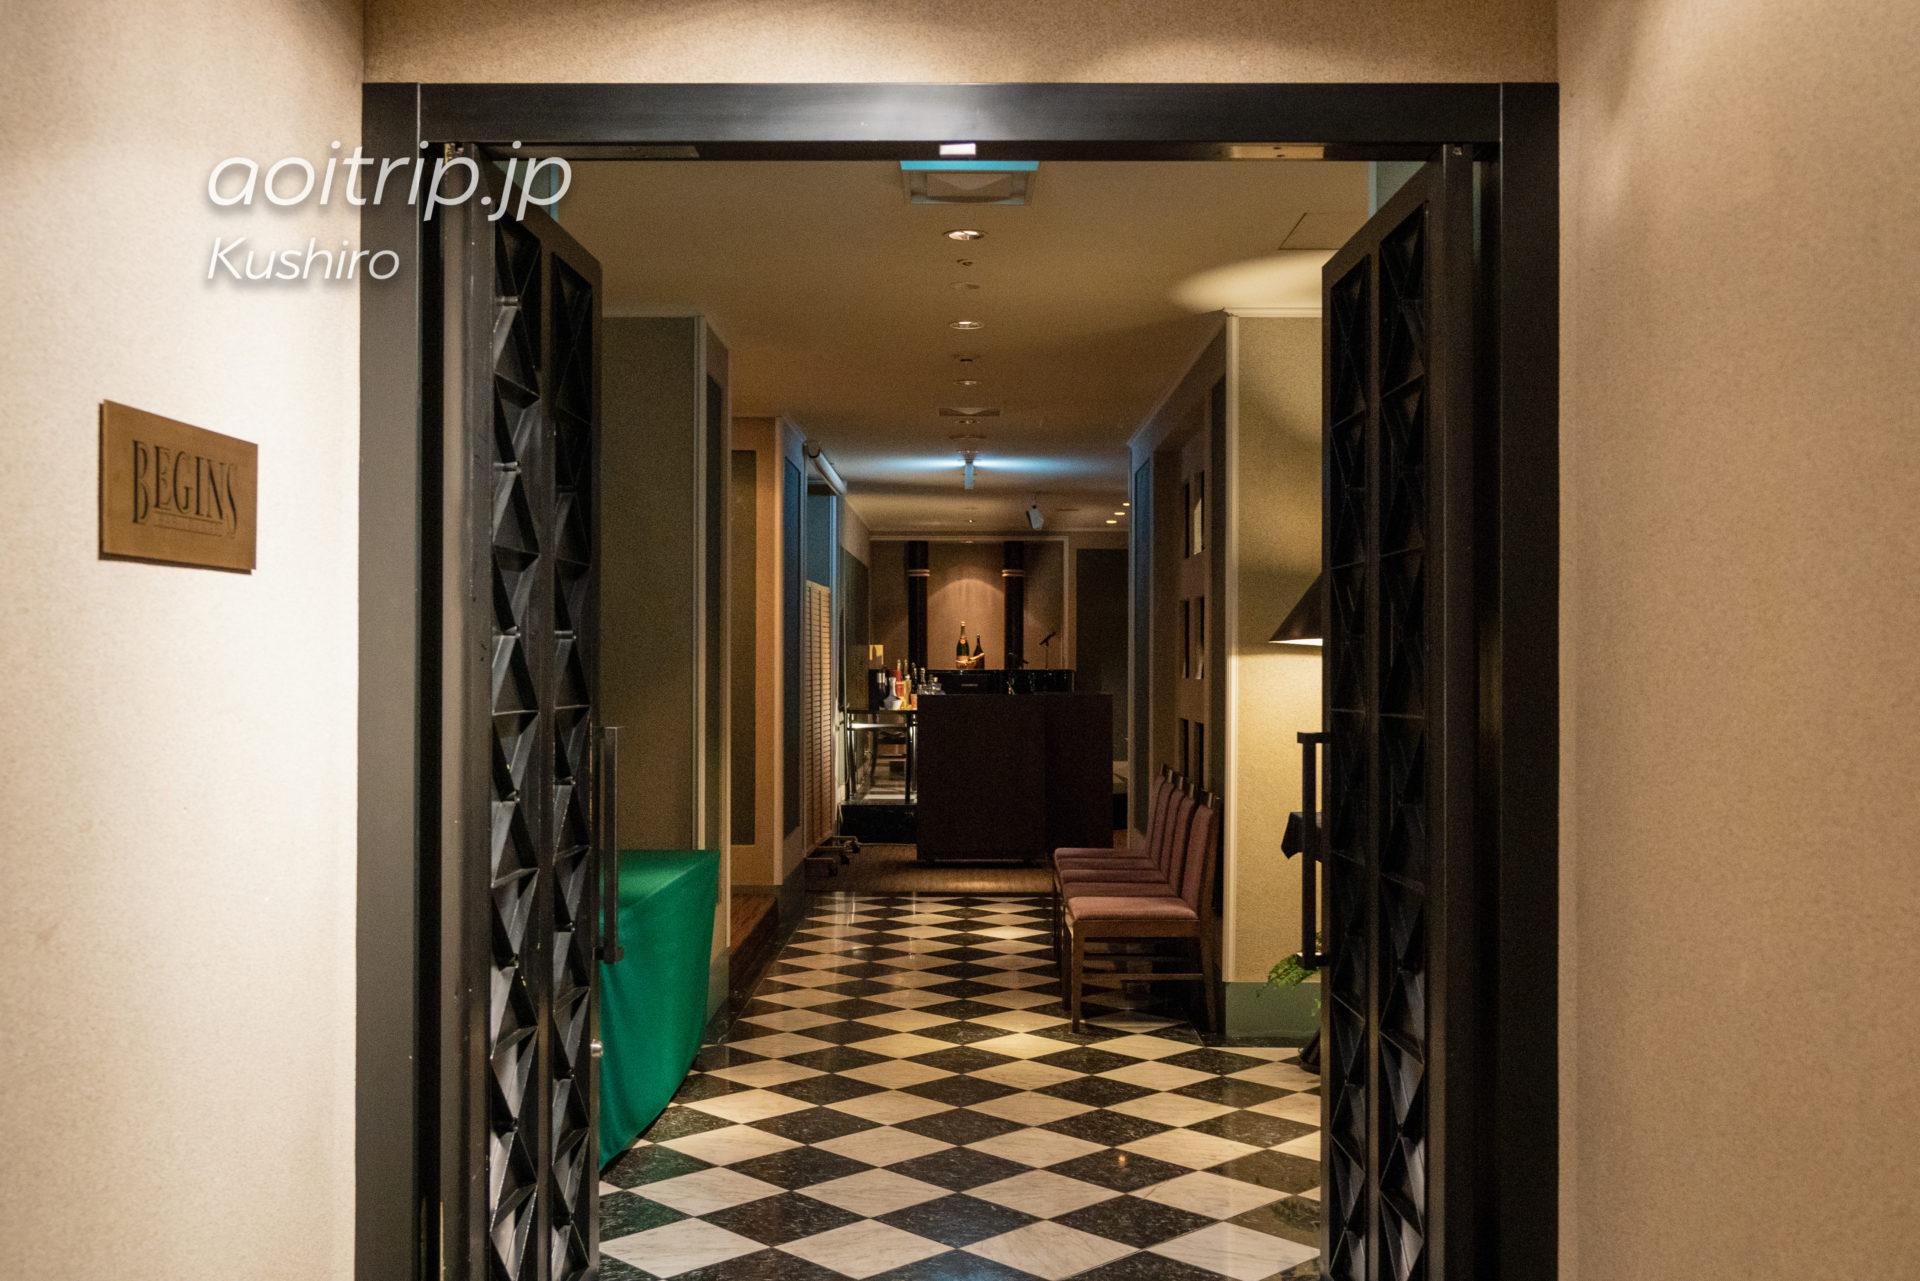 ANAクラウンプラザホテル釧路 ANA Crowne Plaza Hotel Kushiro バーラウンジBegins